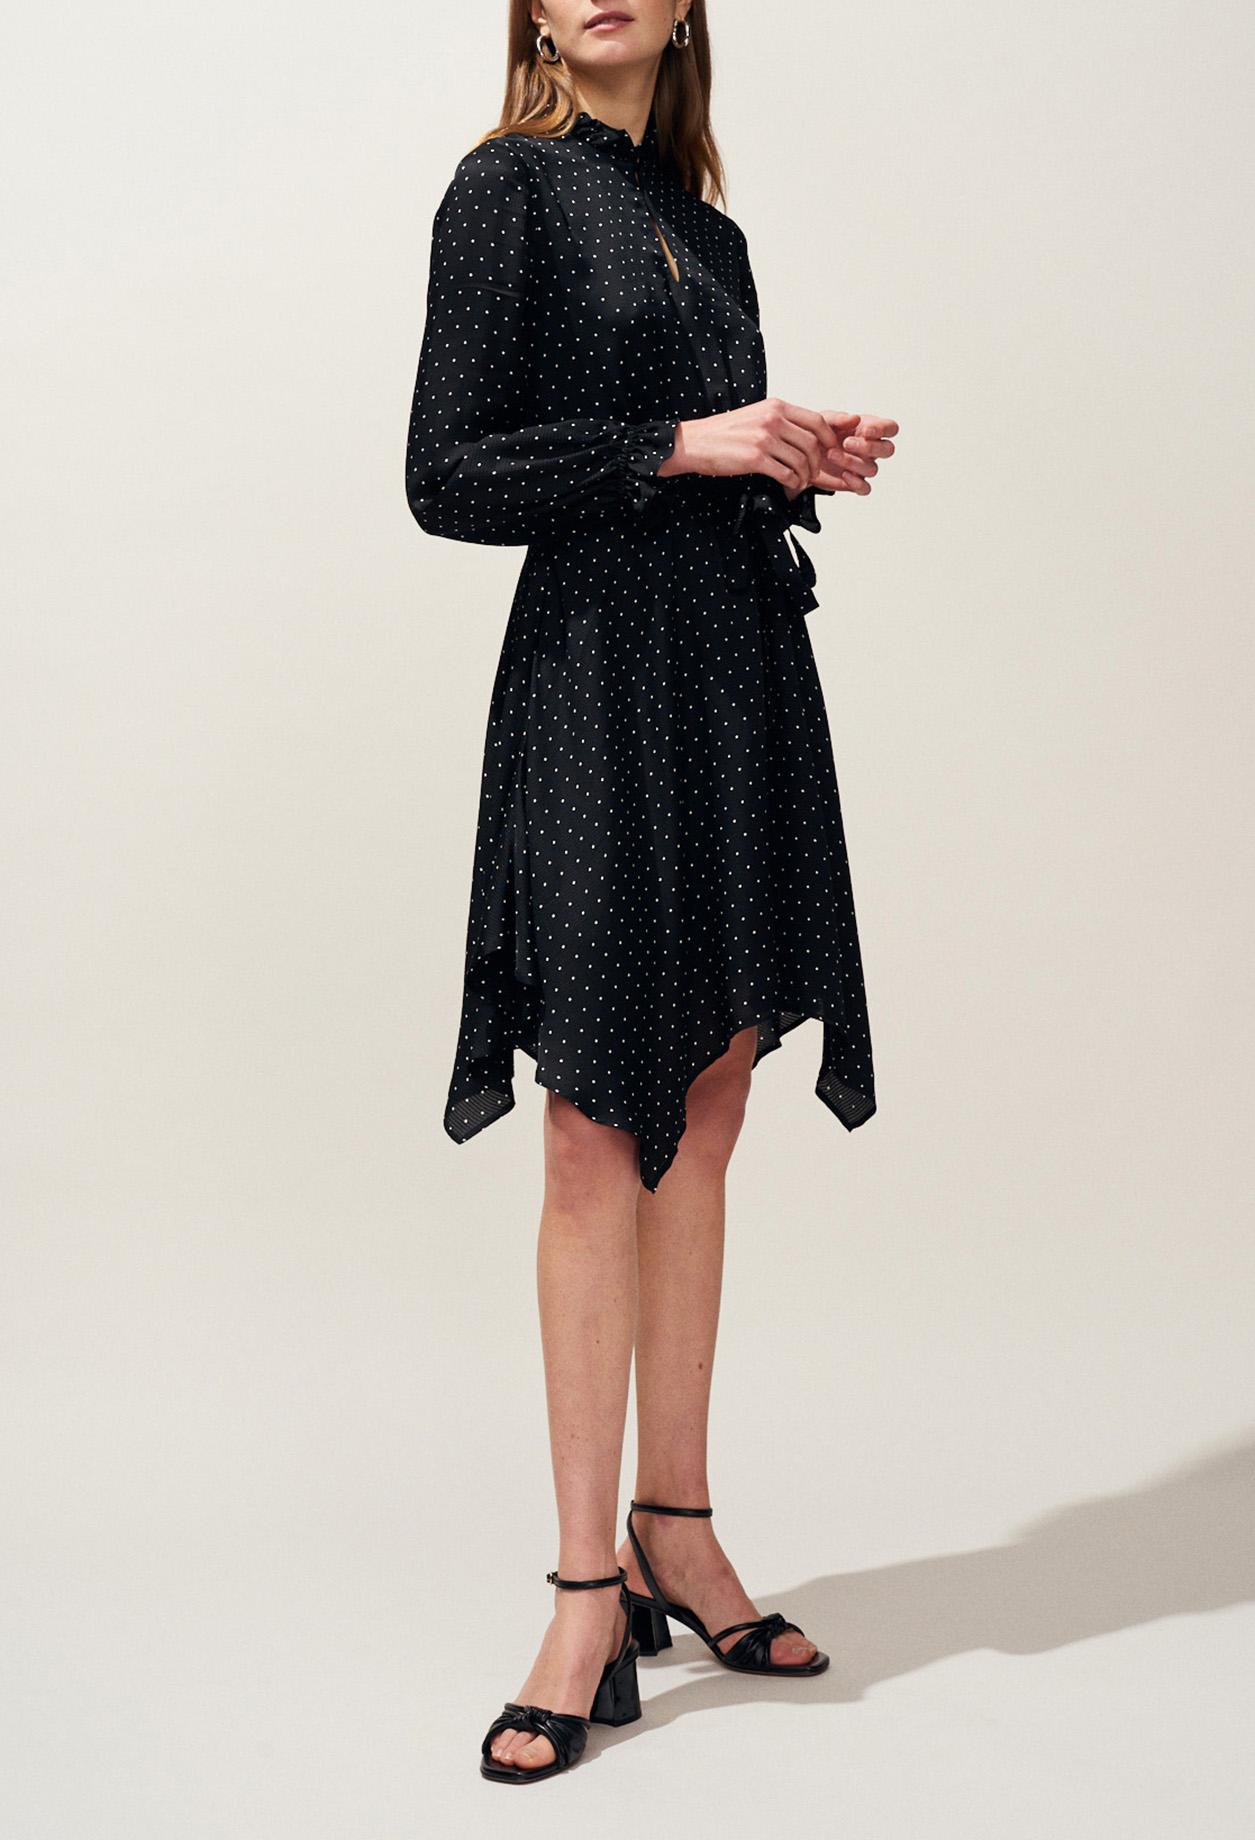 9cb23e1addf2 Black And White Polka Dot Dress Uk | Saddha